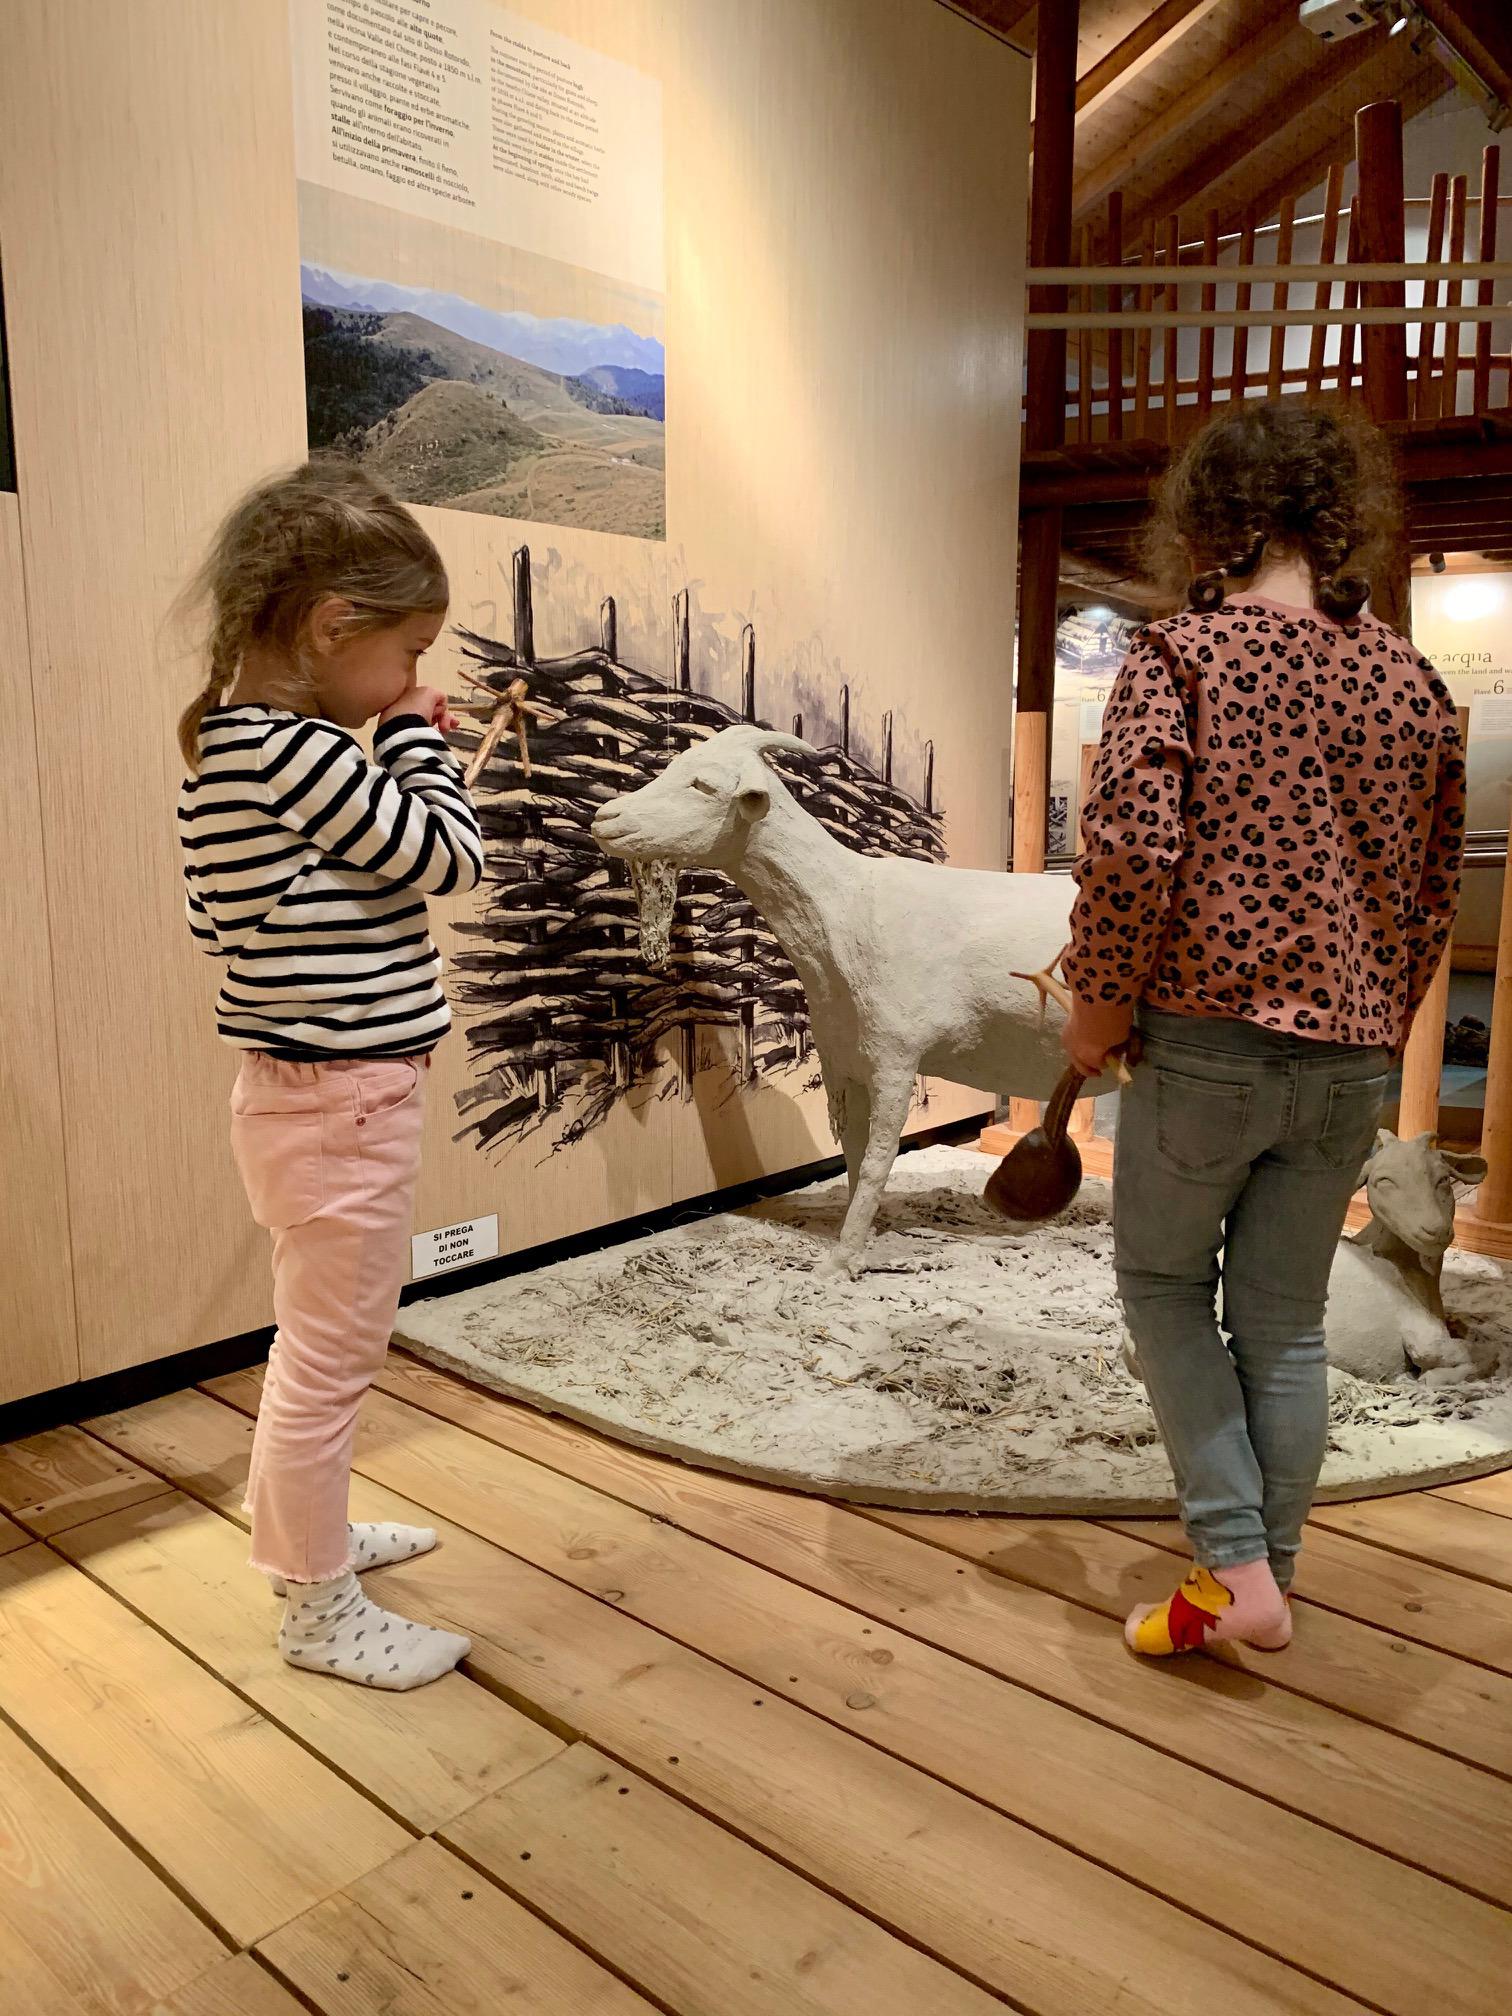 bambine con riproduzione di capra